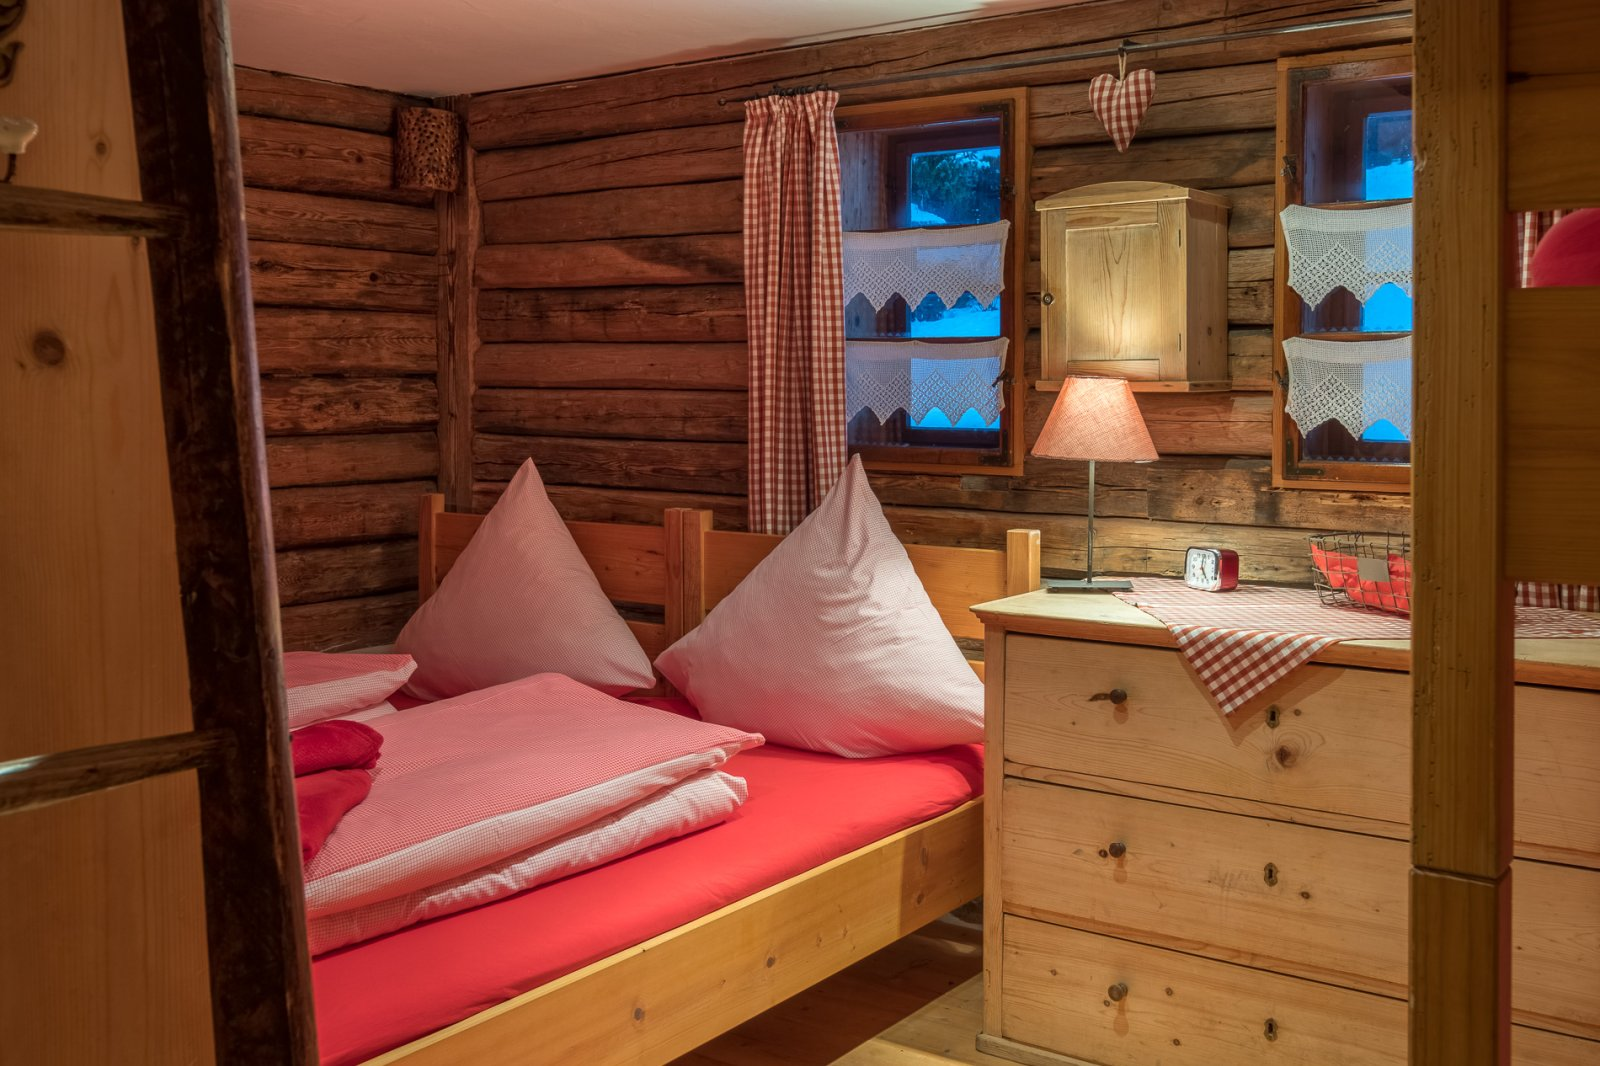 Ferienwohnung Allgäu 2 Schlafzimmer | Ferienwohnungen Bergheimat In Oberstdorf Im Allgau